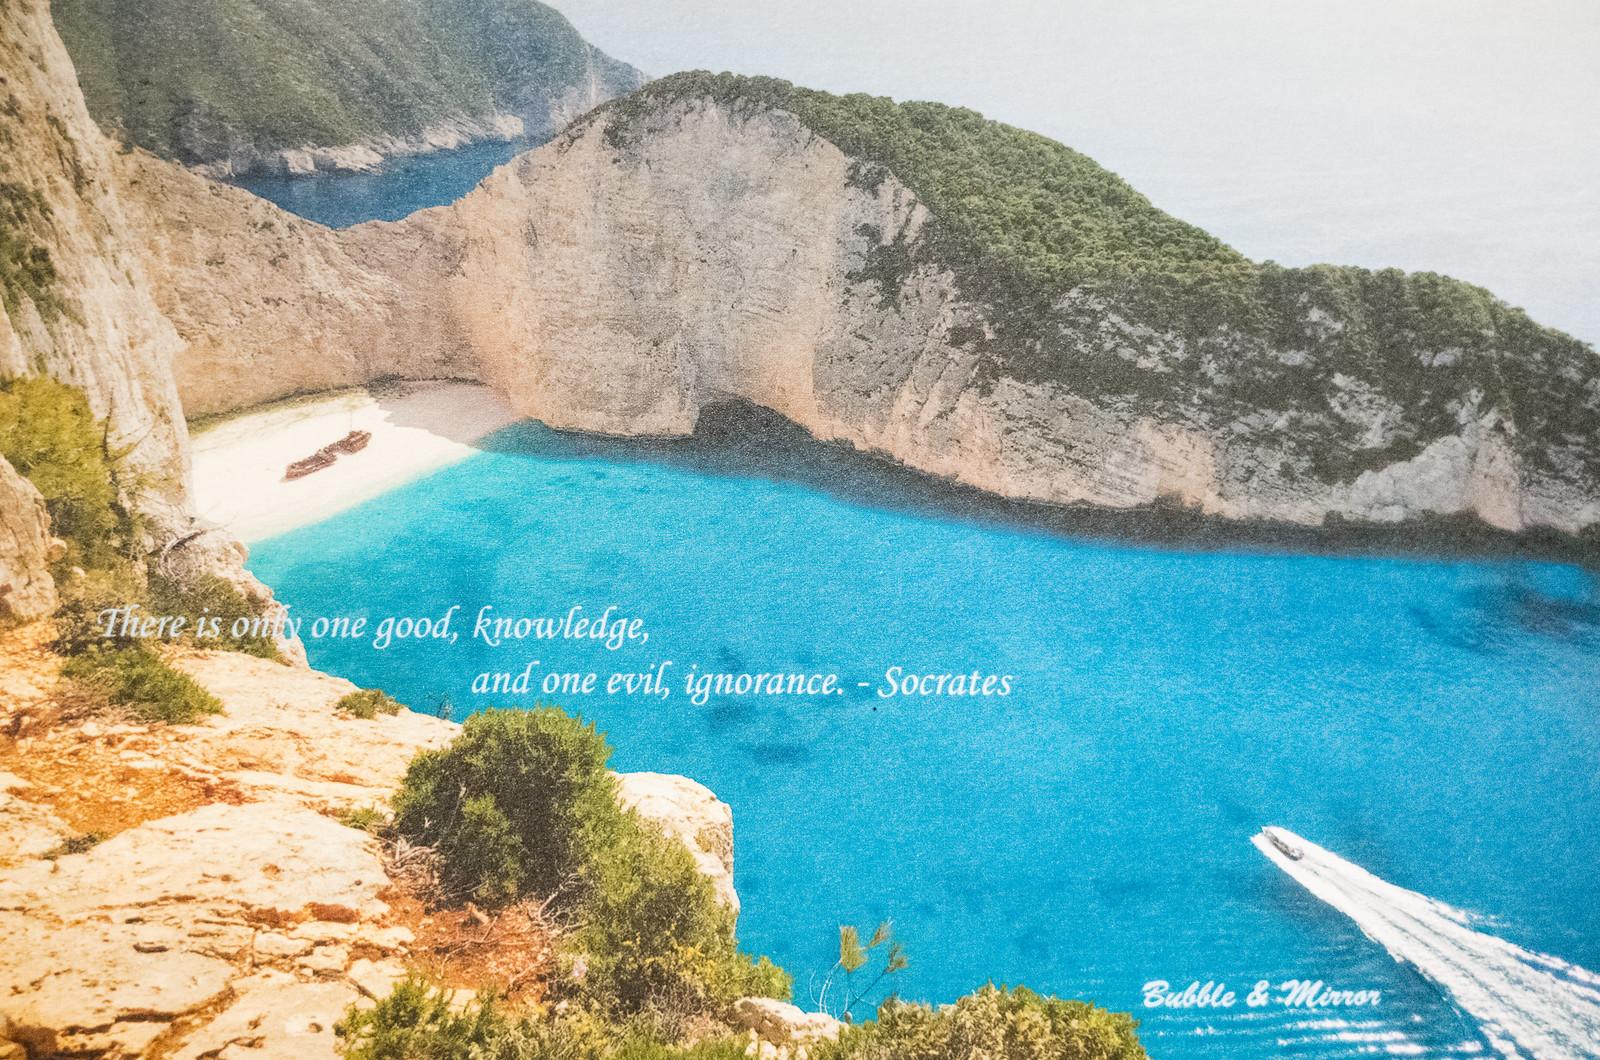 泡泡的希臘明信片